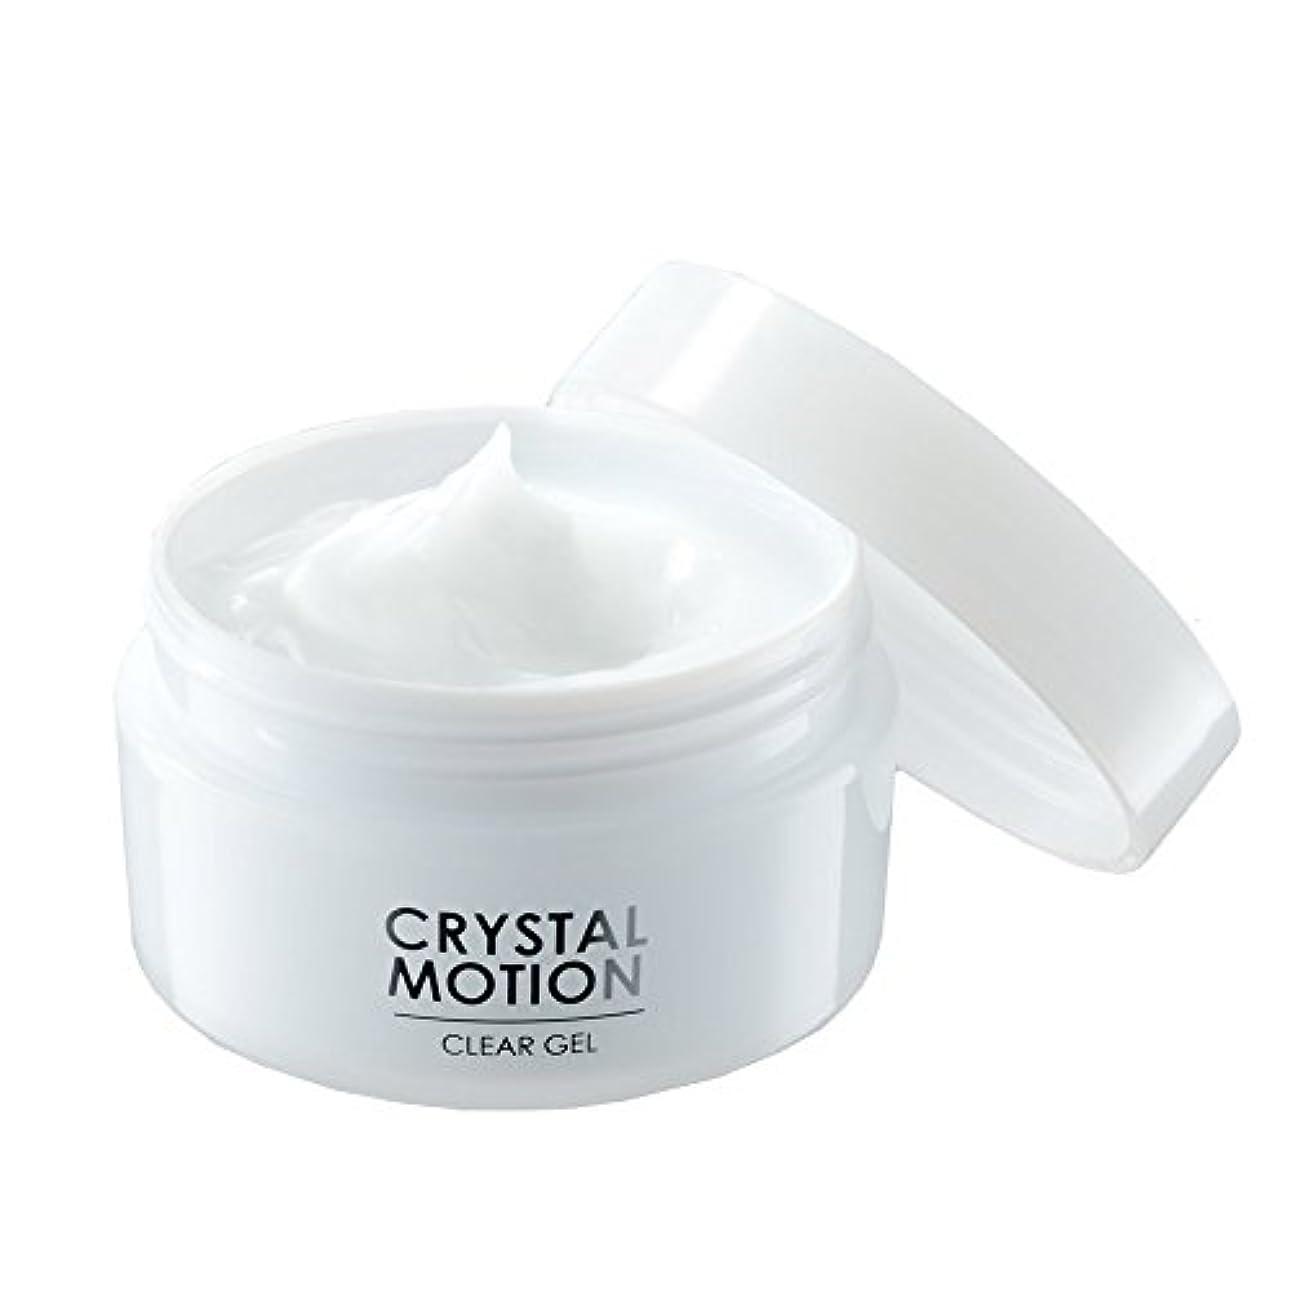 起きて展示会取り扱いクリスタルモーション CRYSTAL MOTION 薬用ニキビケアジェル 保湿 乾燥 美白 美肌 ニキビ 予防 1ヶ月分 60g